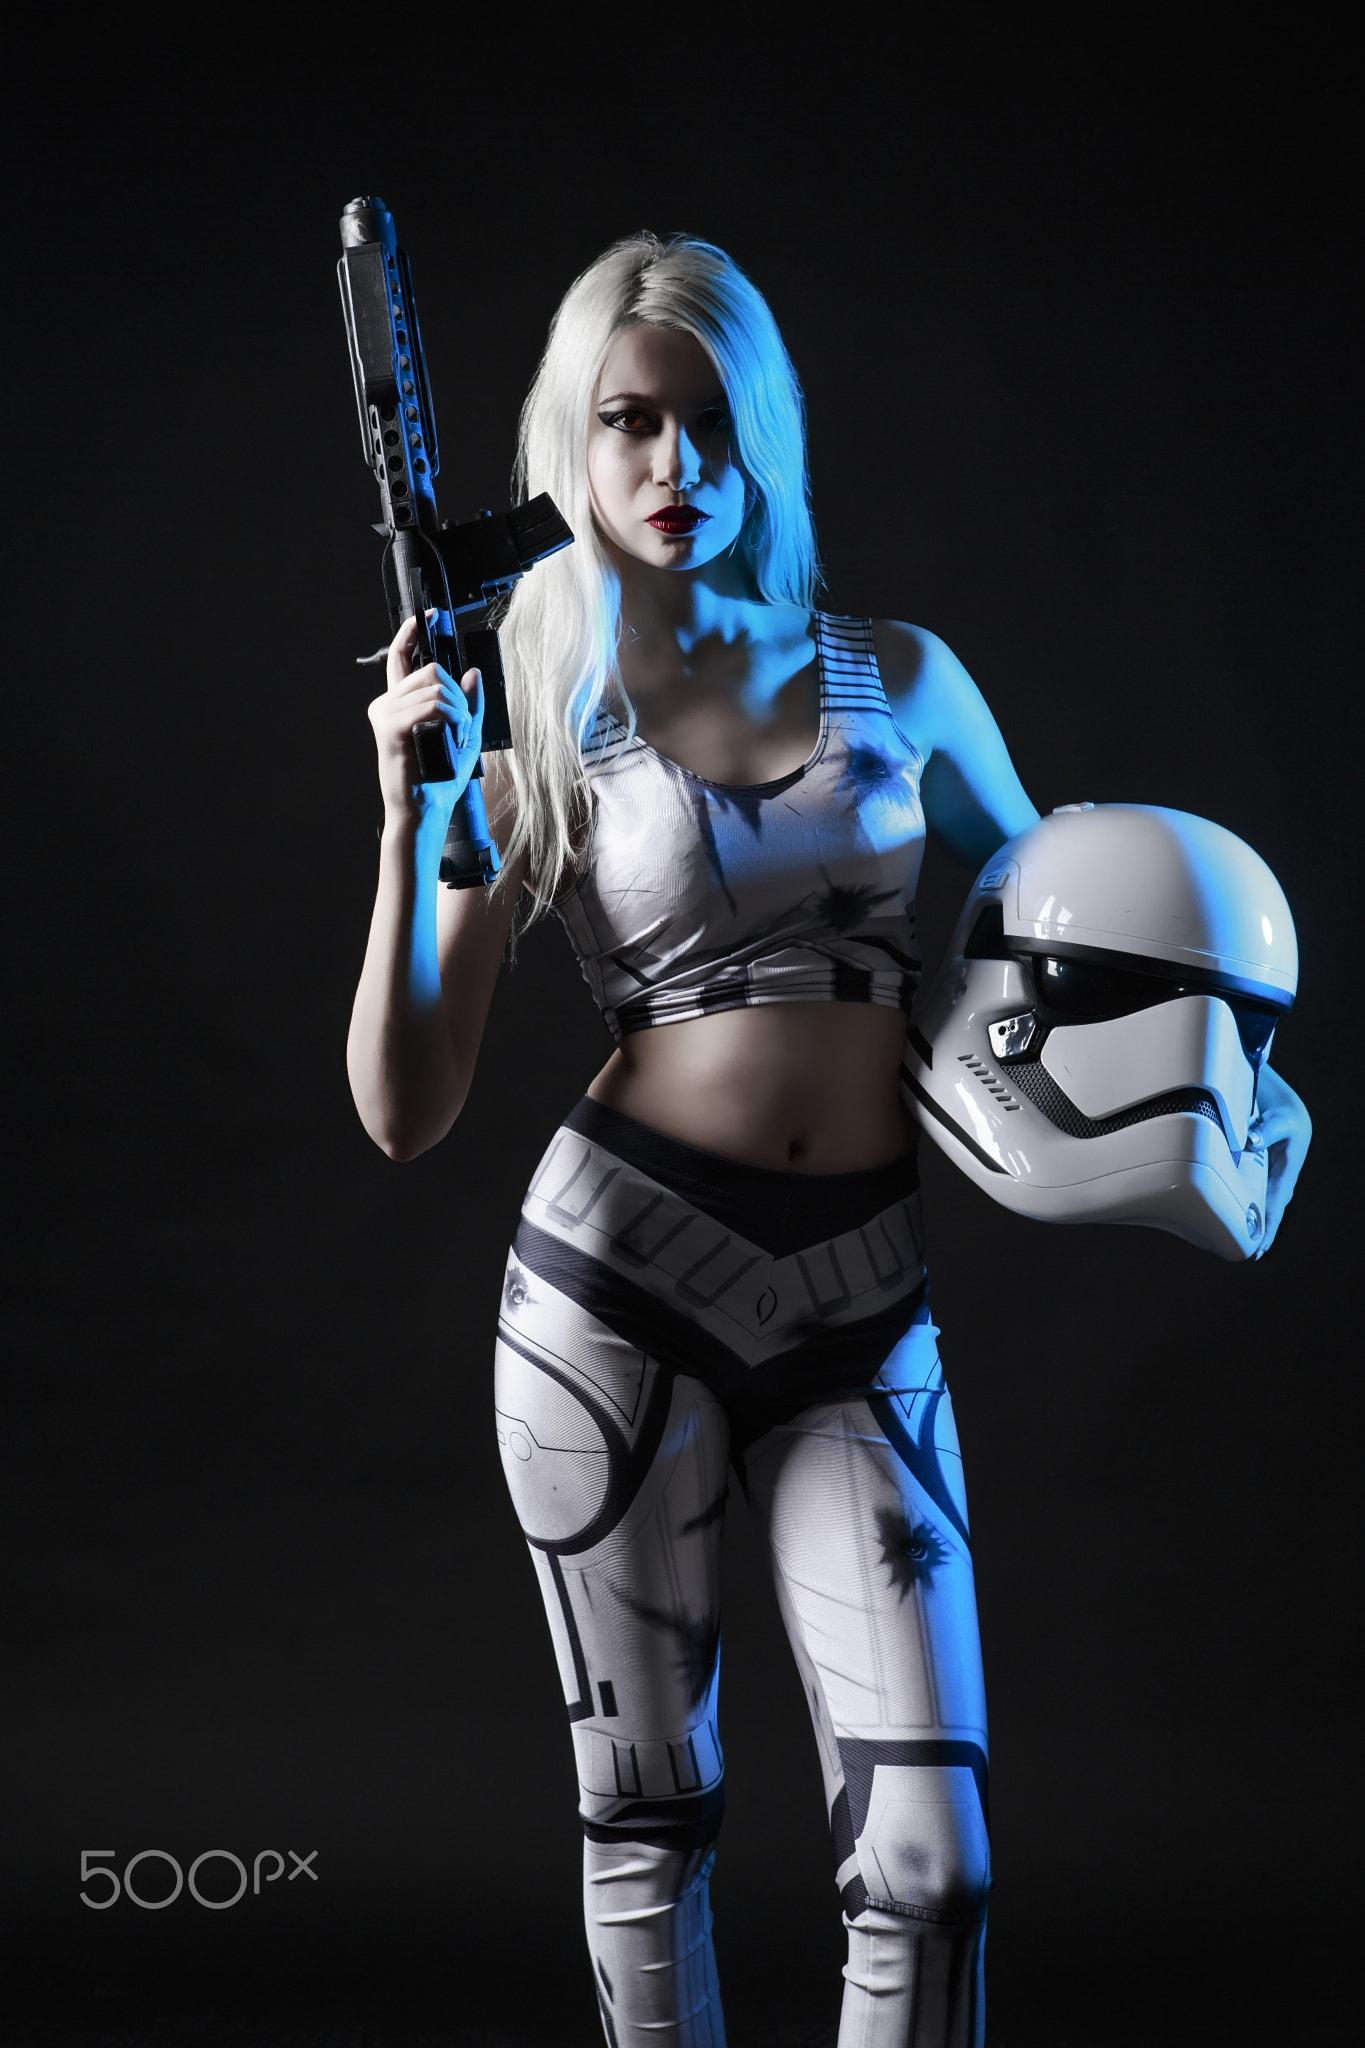 Ilker Ureten, Star Wars, cosplay, women